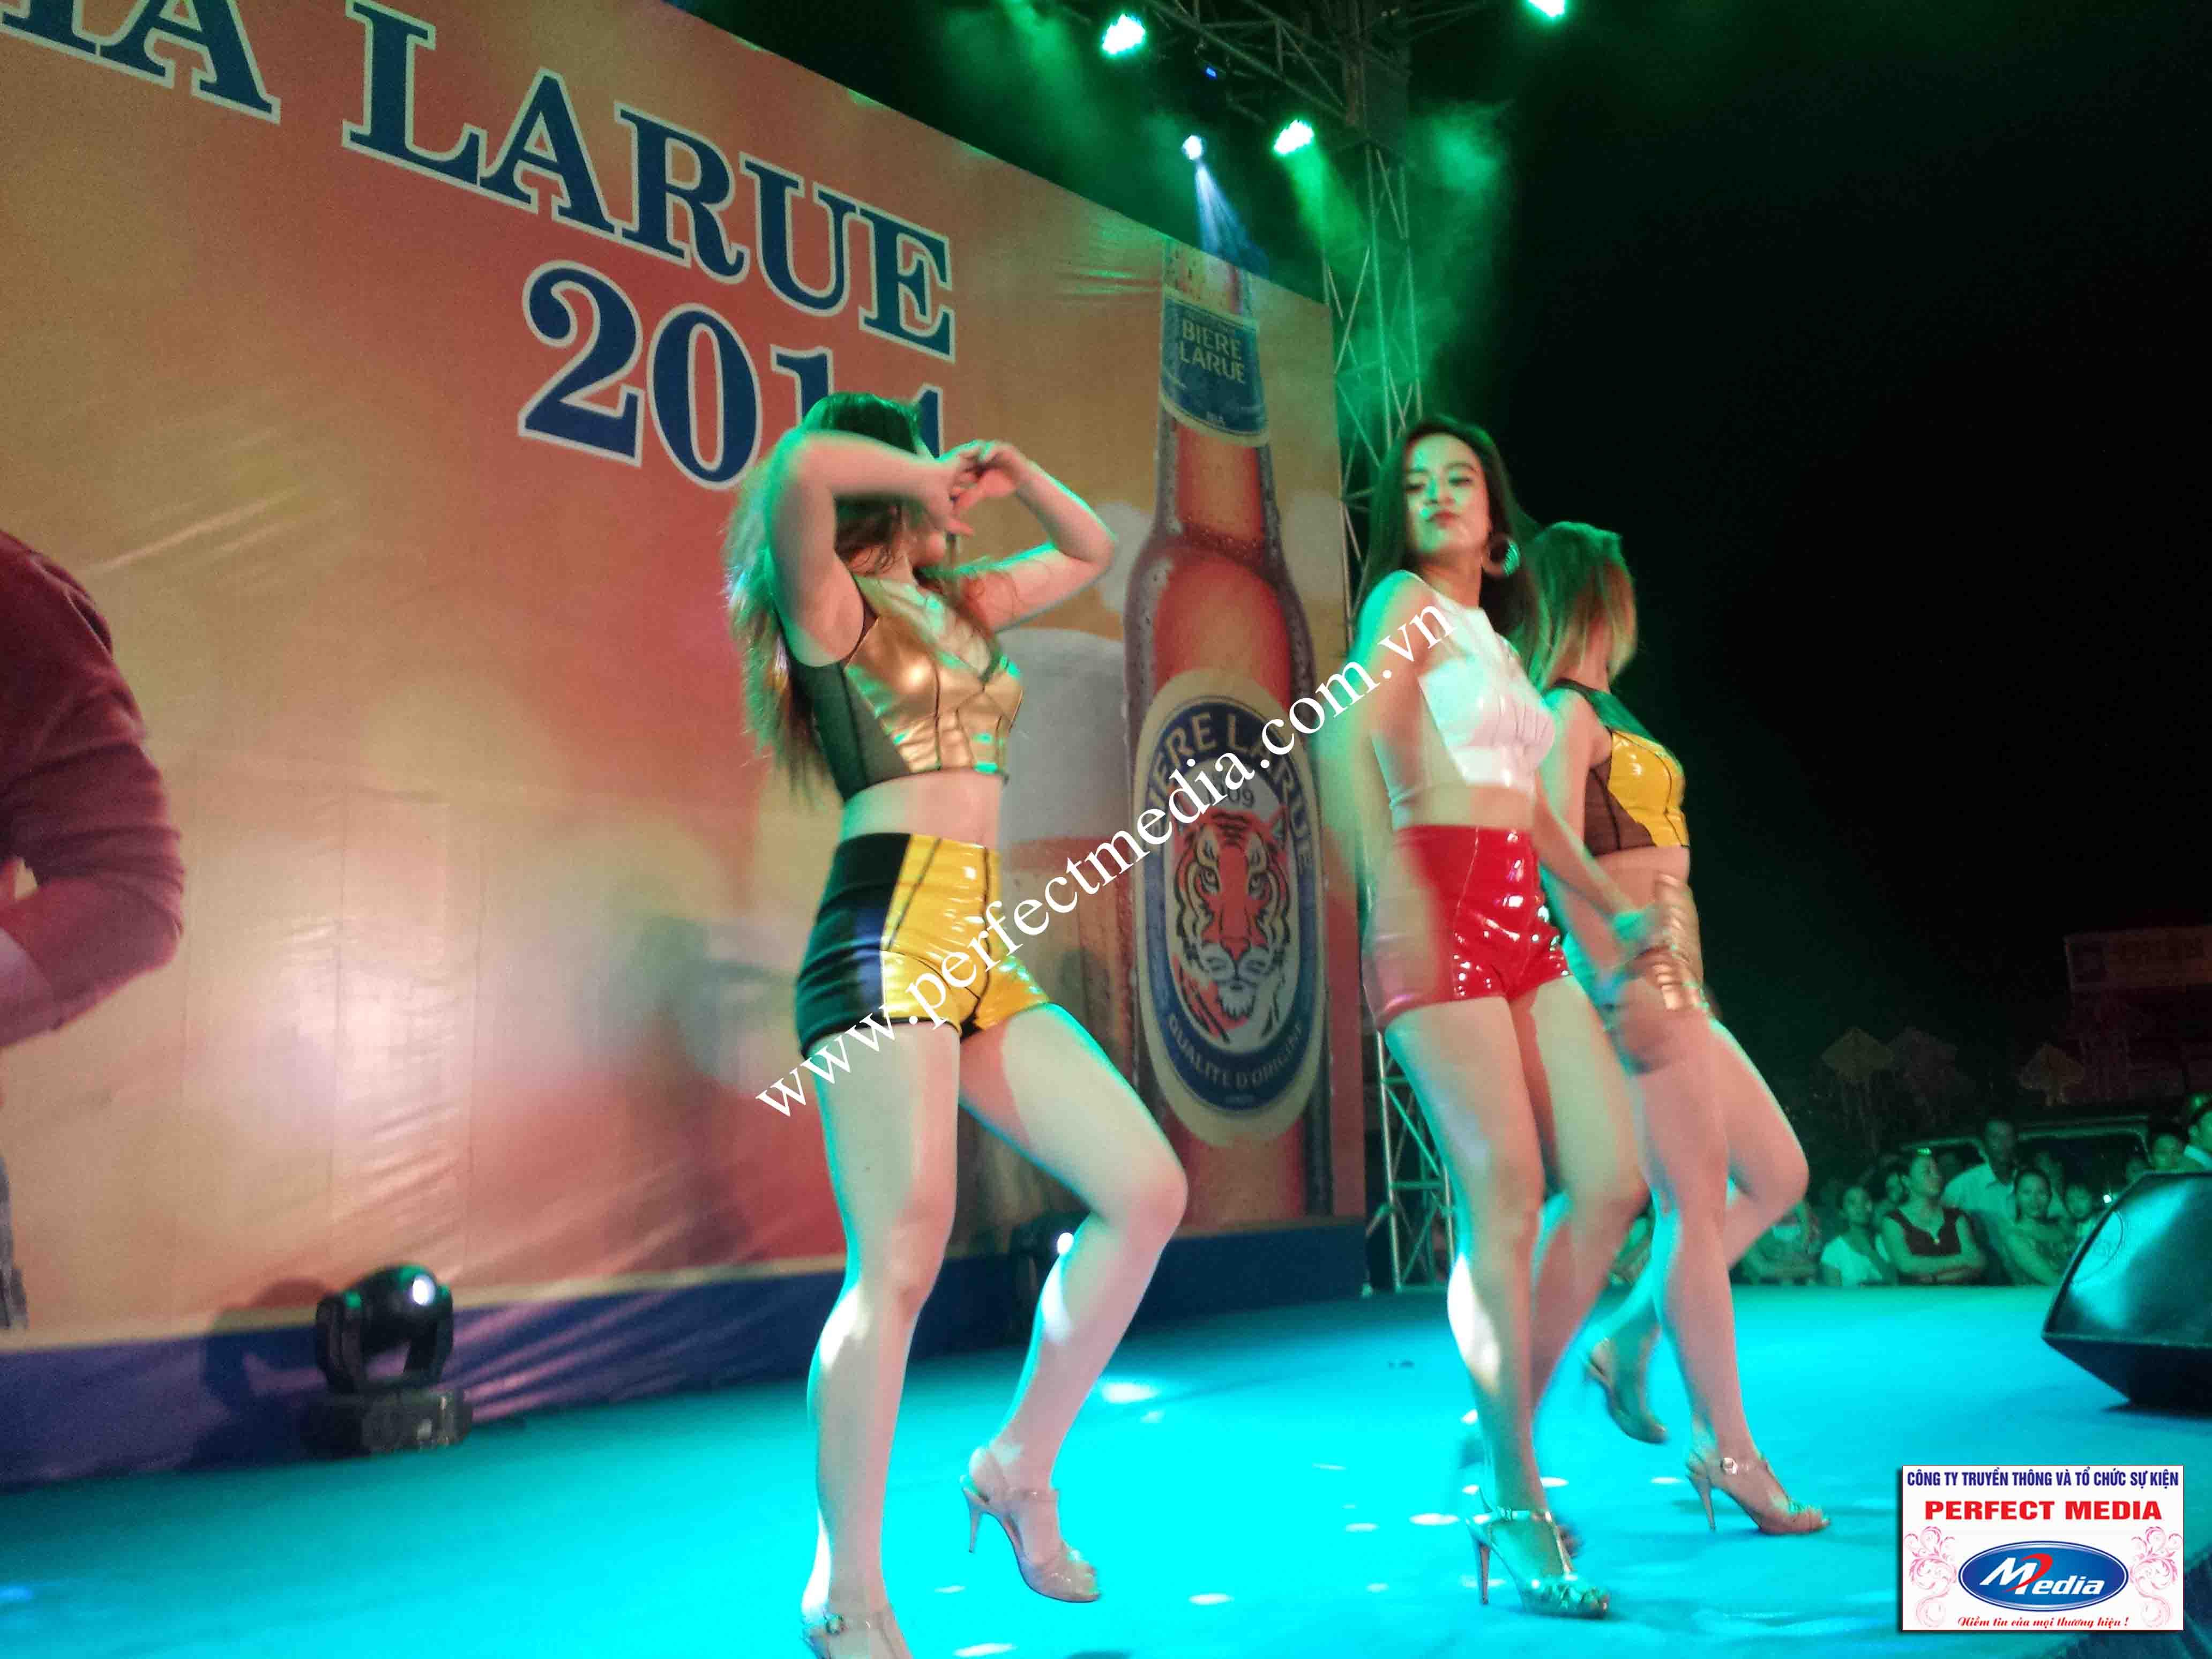 Hình ảnh sự kiện Tour Festival Bia Larue tại các thành phố Hạ Long - Hà Tĩnh và thành phố Vinh 17